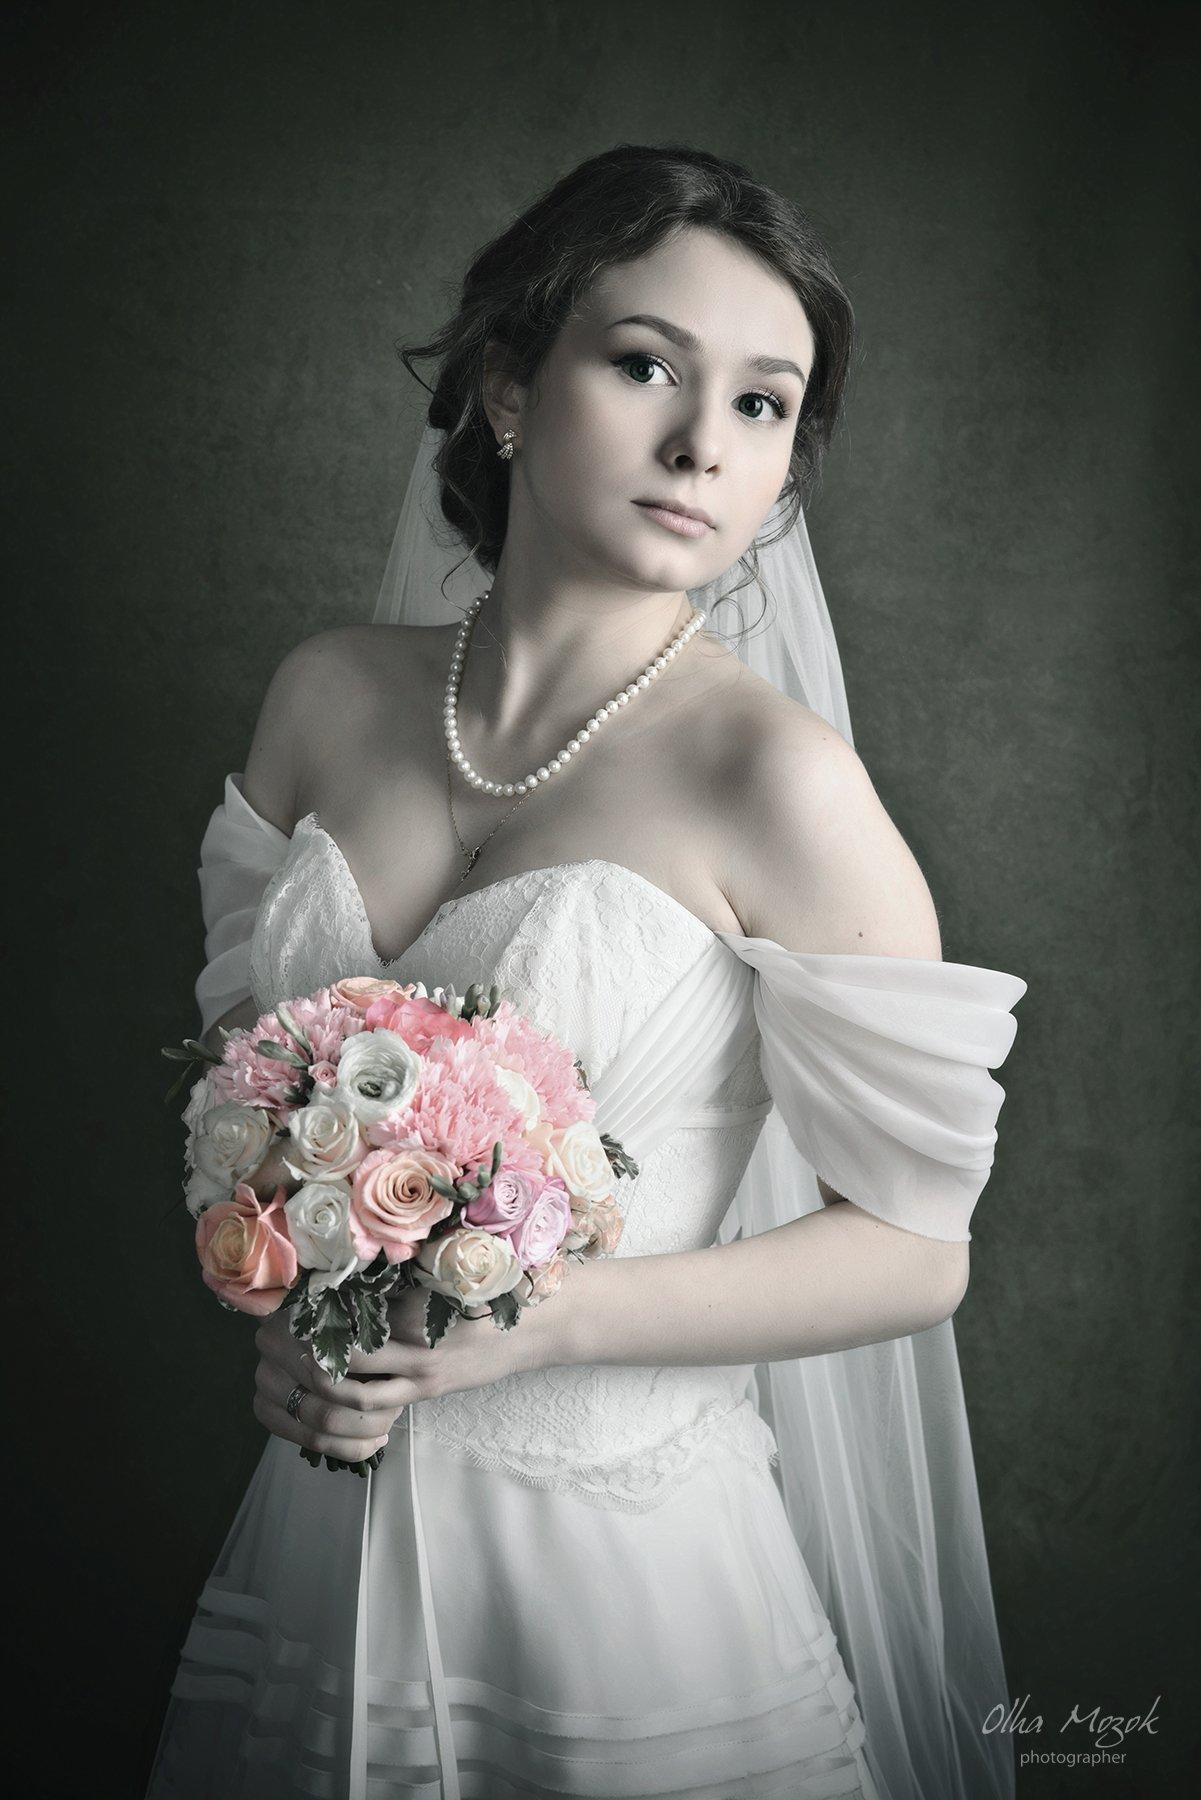 портрет, фотография, фотопортрет, фотограф в Полтаве, Olga  Mozok